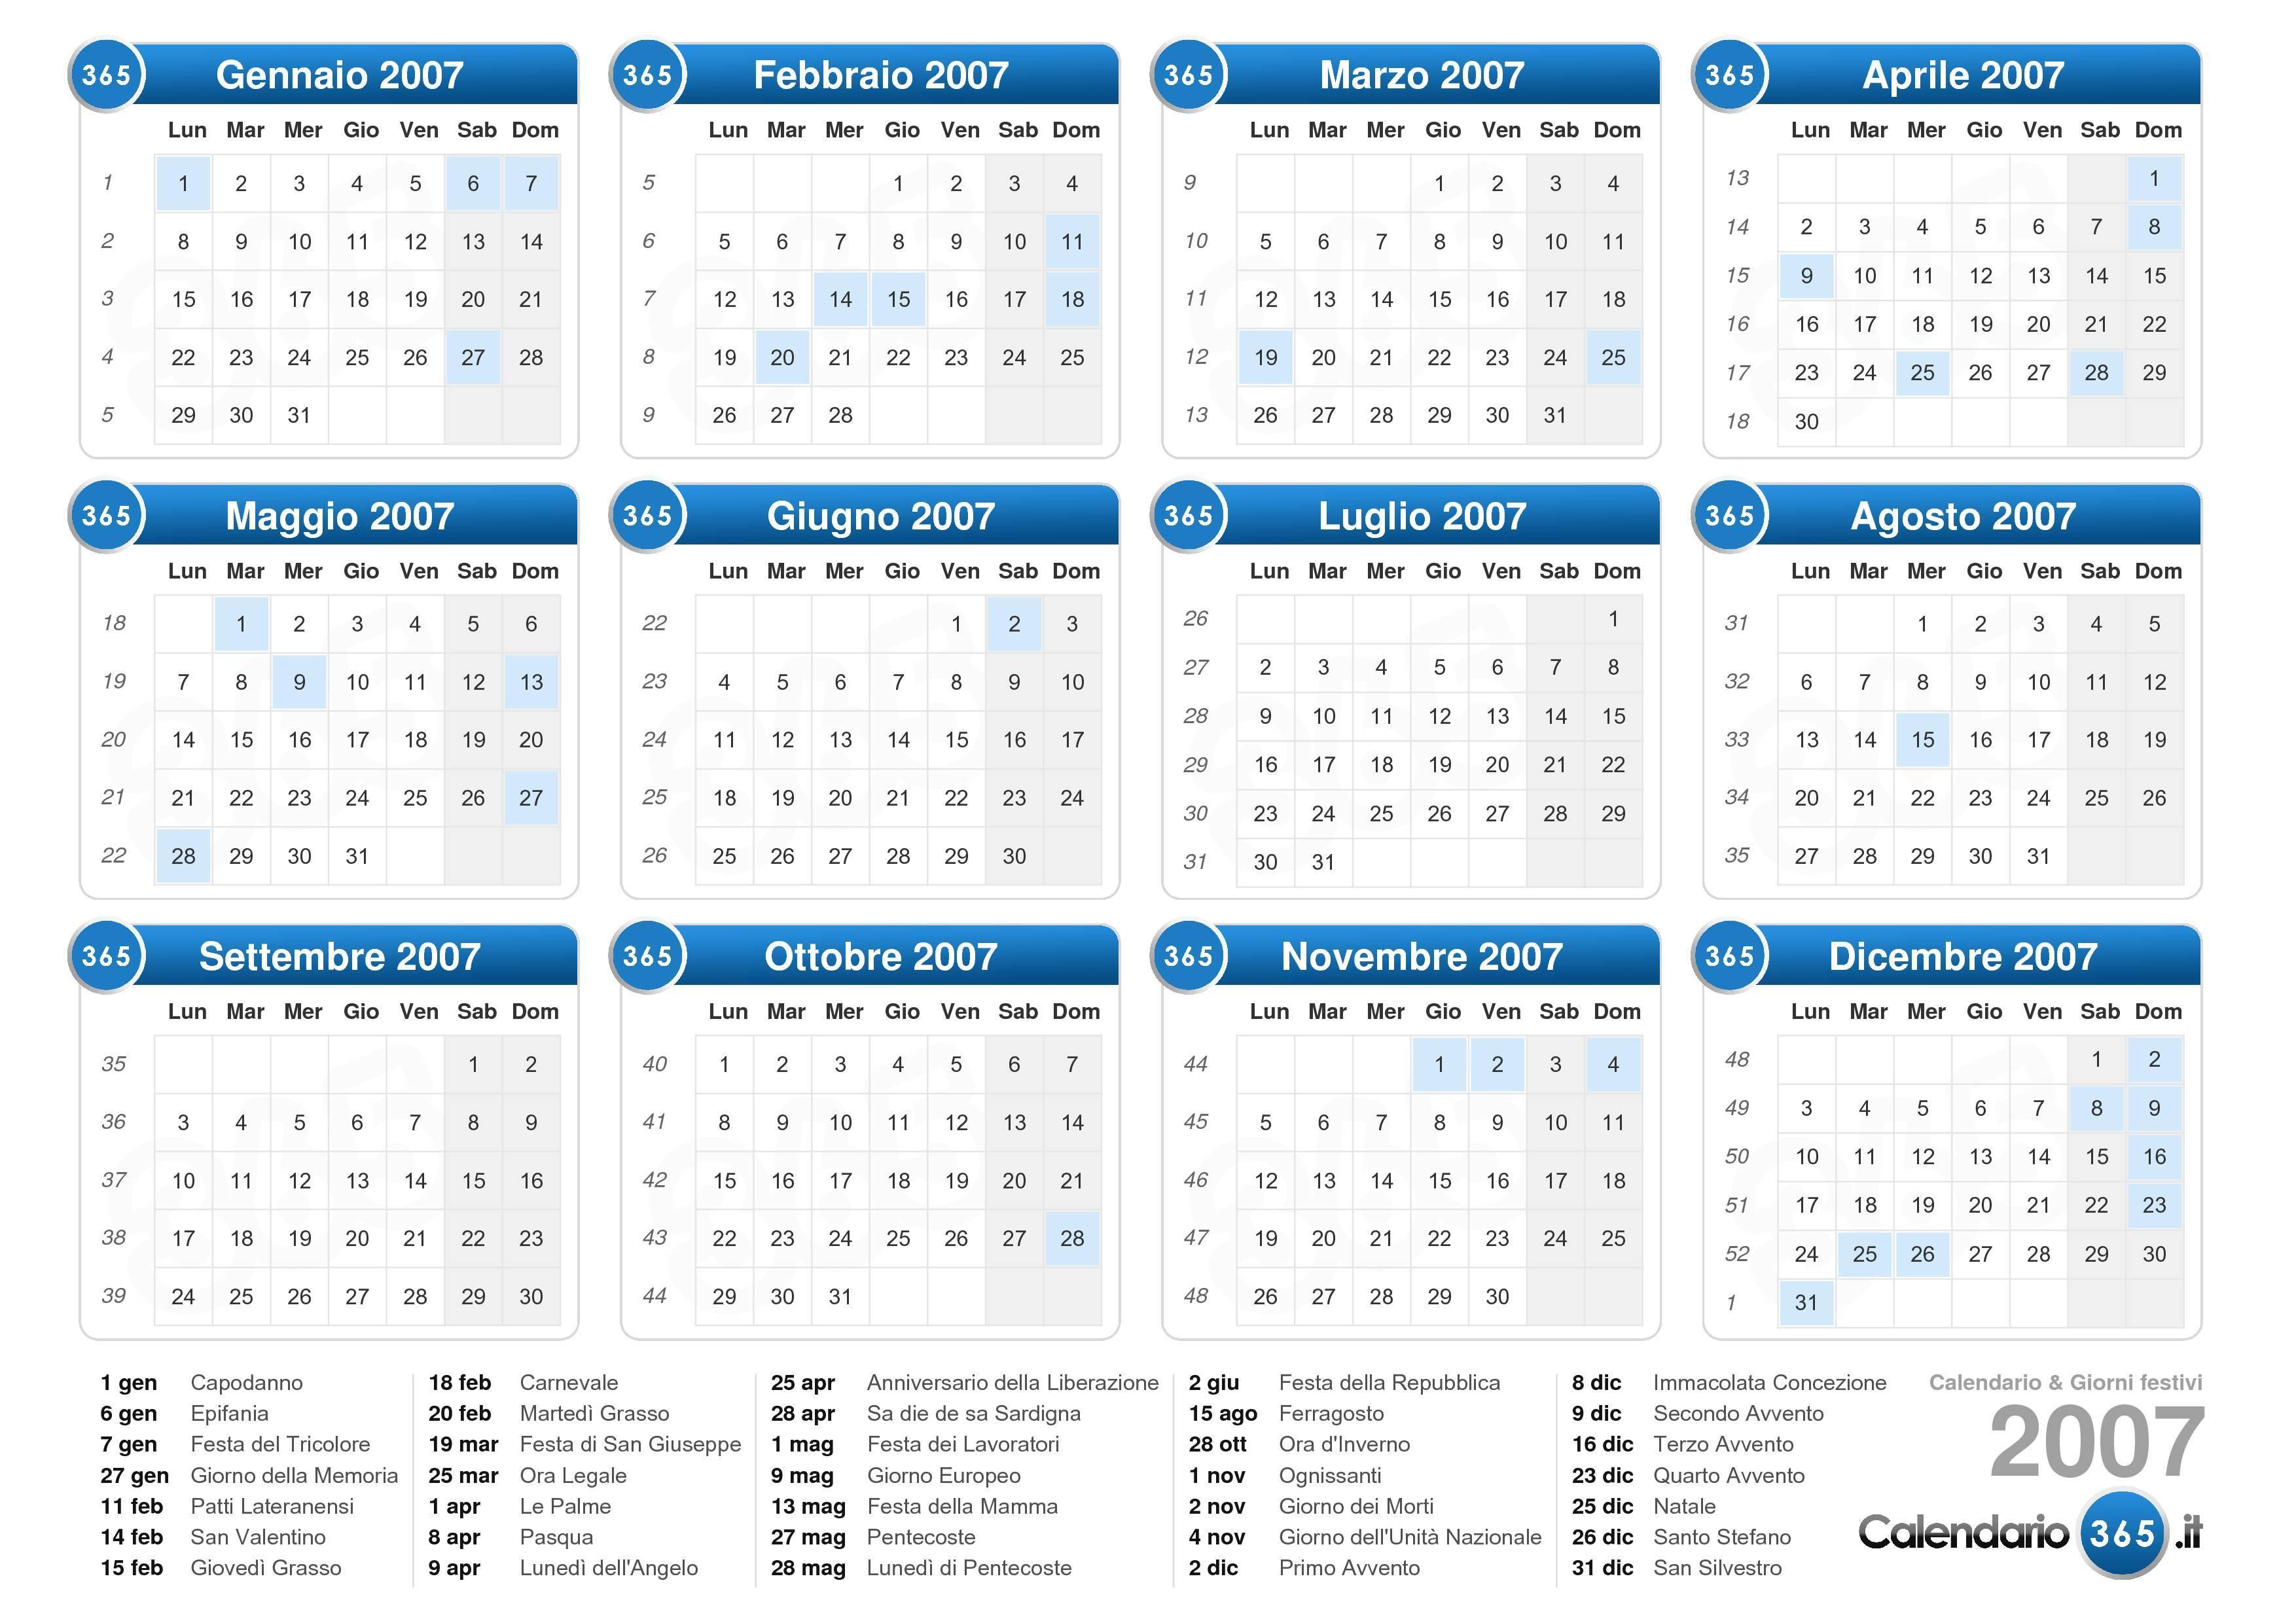 Calendario Settembre 2007.Calendario 2007